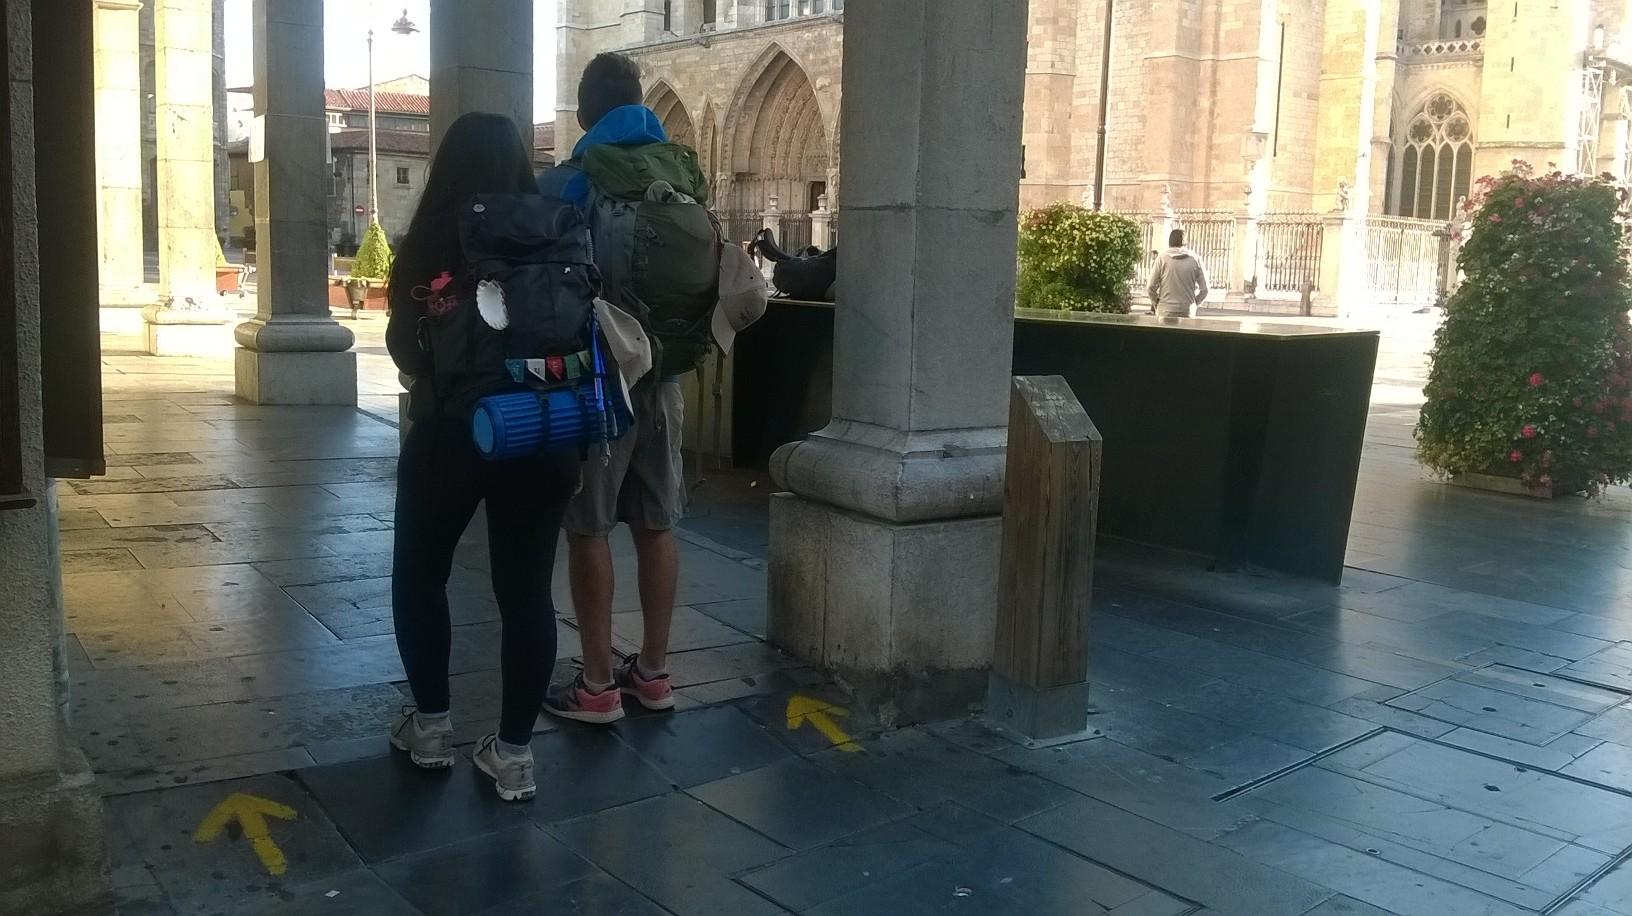 Señalética Camino de santiago en León